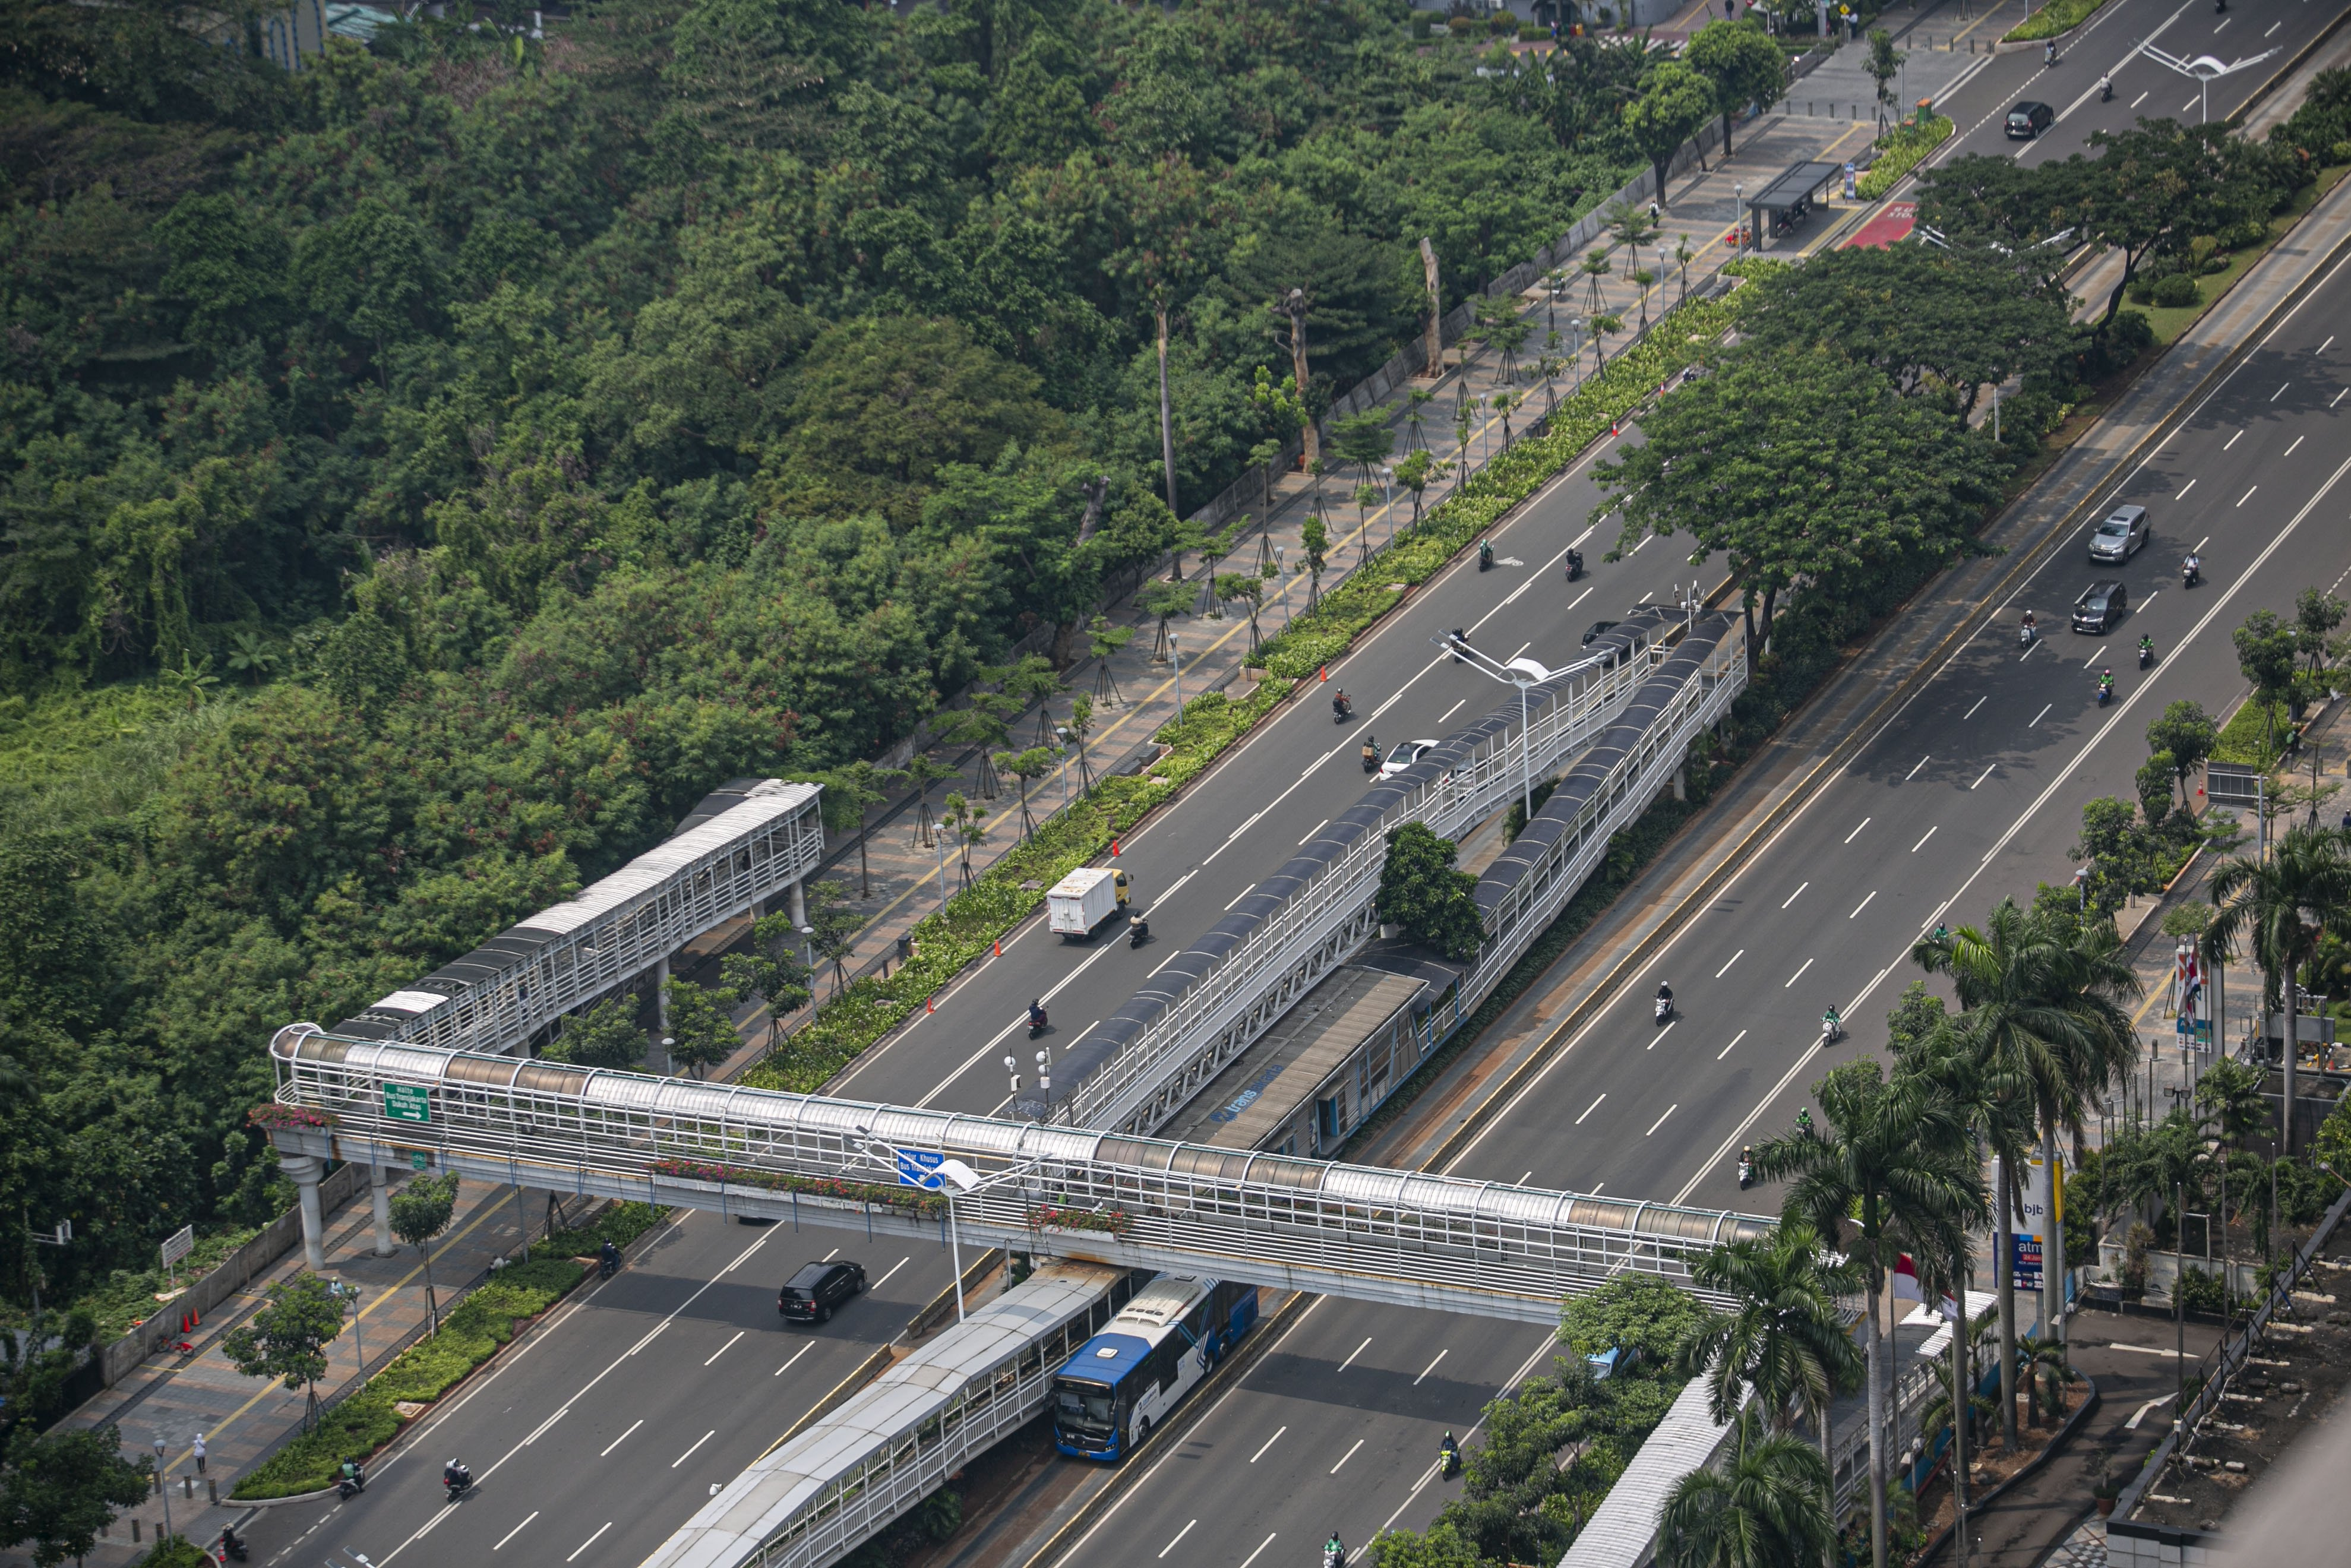 Lalu lintas terlihat lenggang di Jalan Sudirman-Thamrin, Jakarta Pusat, Senin (14/9/2020). Peraturan tersebut dikeluarkan Anies dilatarbelakangilonjakan kasus positif corona yang naik signifikan di Jakarta dalam 12 hari terakhir. Pelaksanaan PSBB ini nantinya akan berlaku terhitung sejak hari ini hingga dua pekan mendatang.